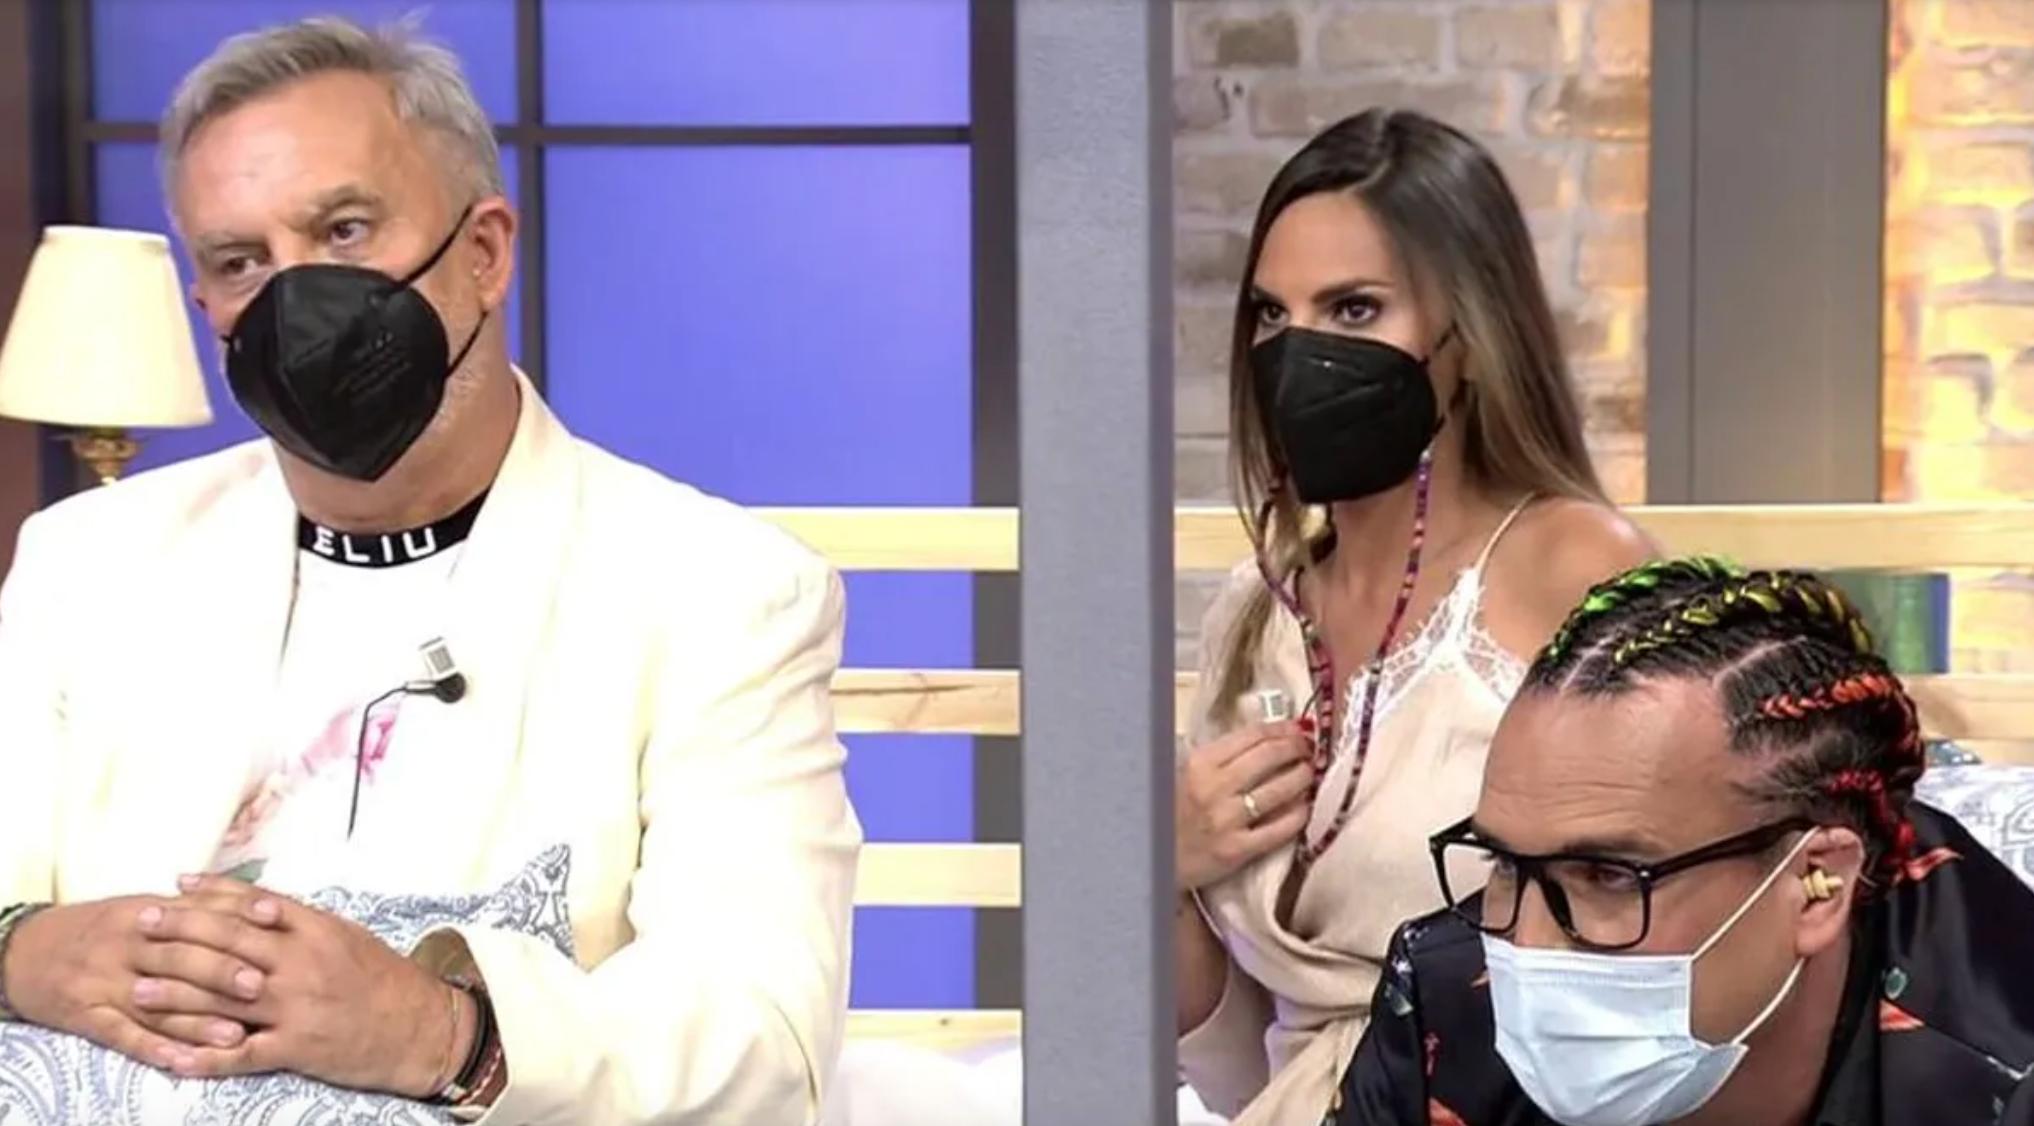 Enrique del Pozo, Irene Rosales i Torito | Telecinco